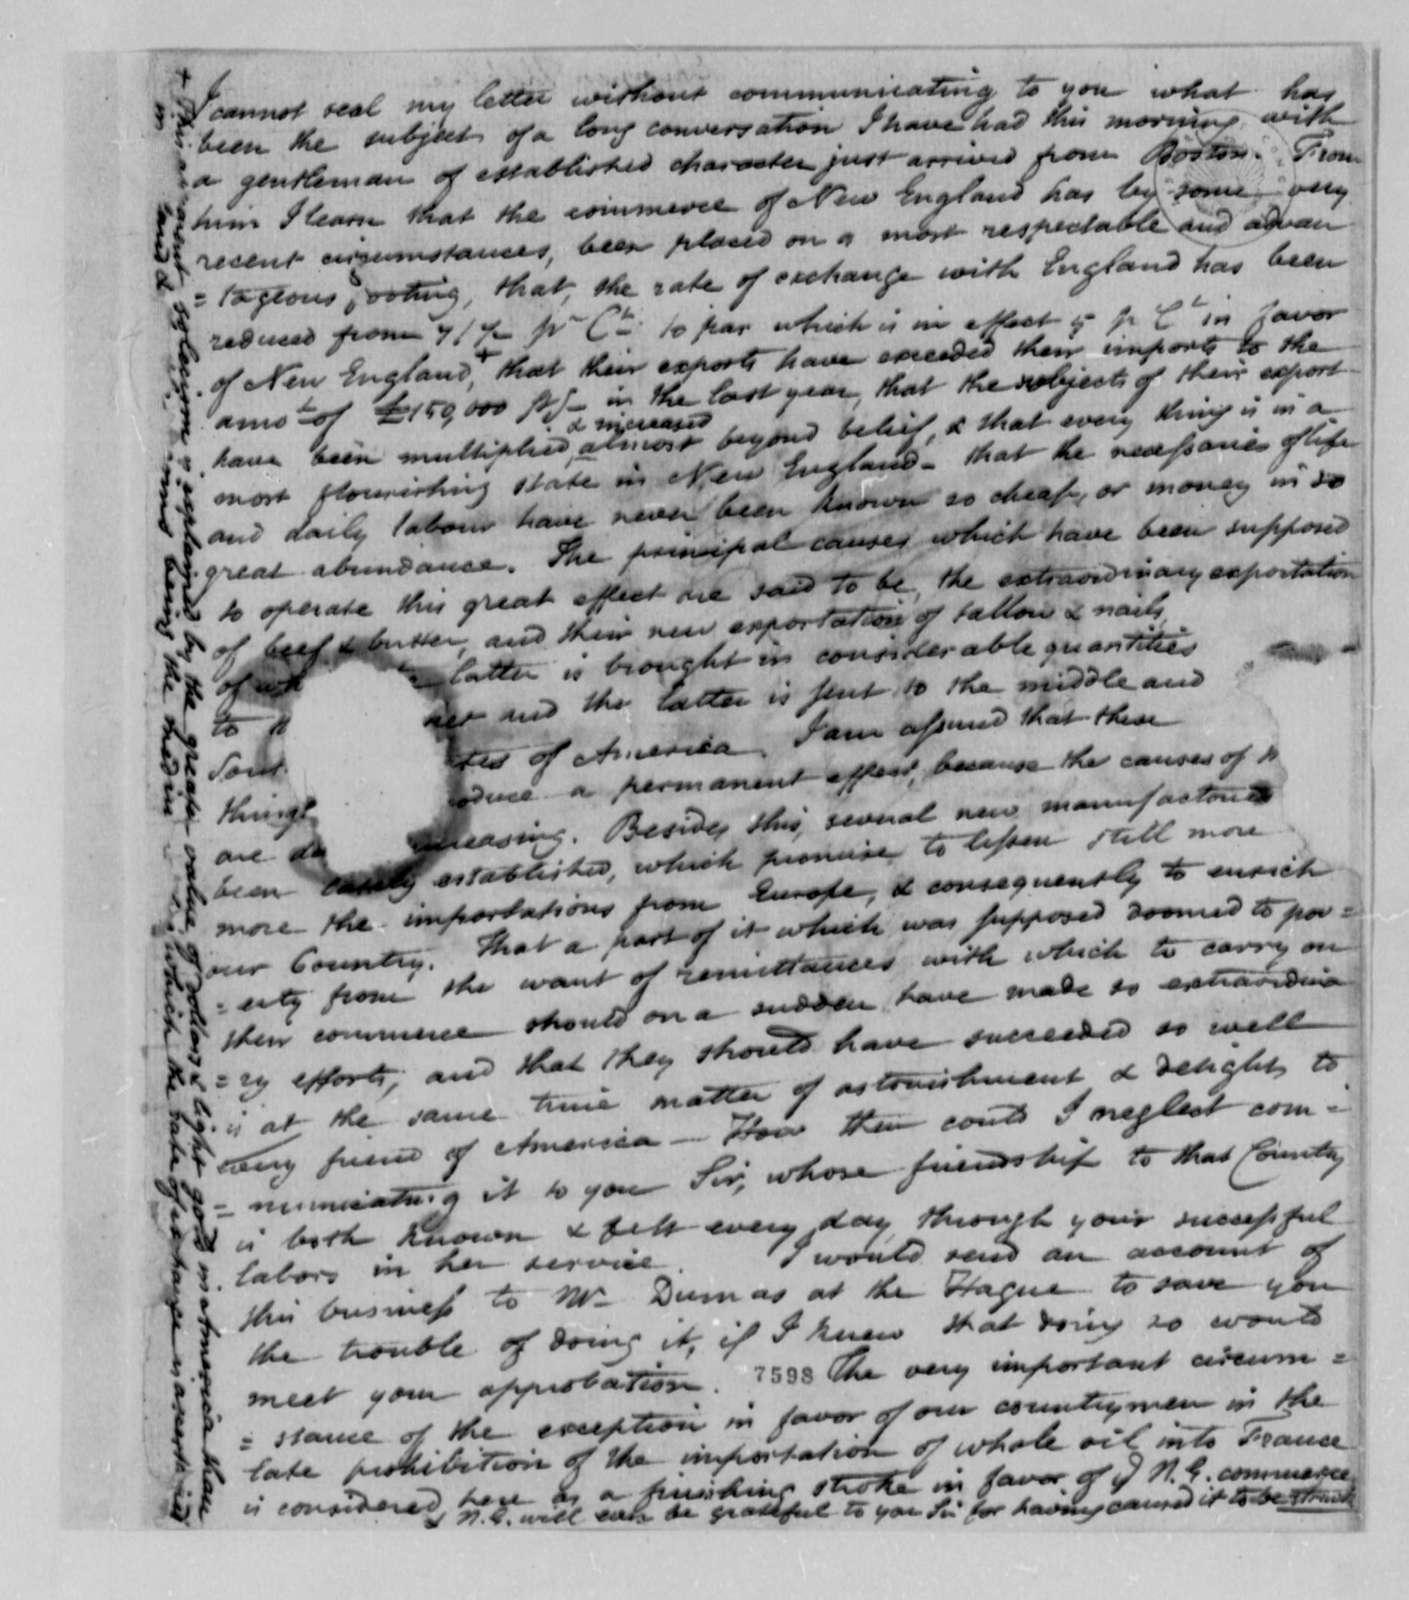 Thomas Lee Shippen to Thomas Jefferson, November 28, 1788